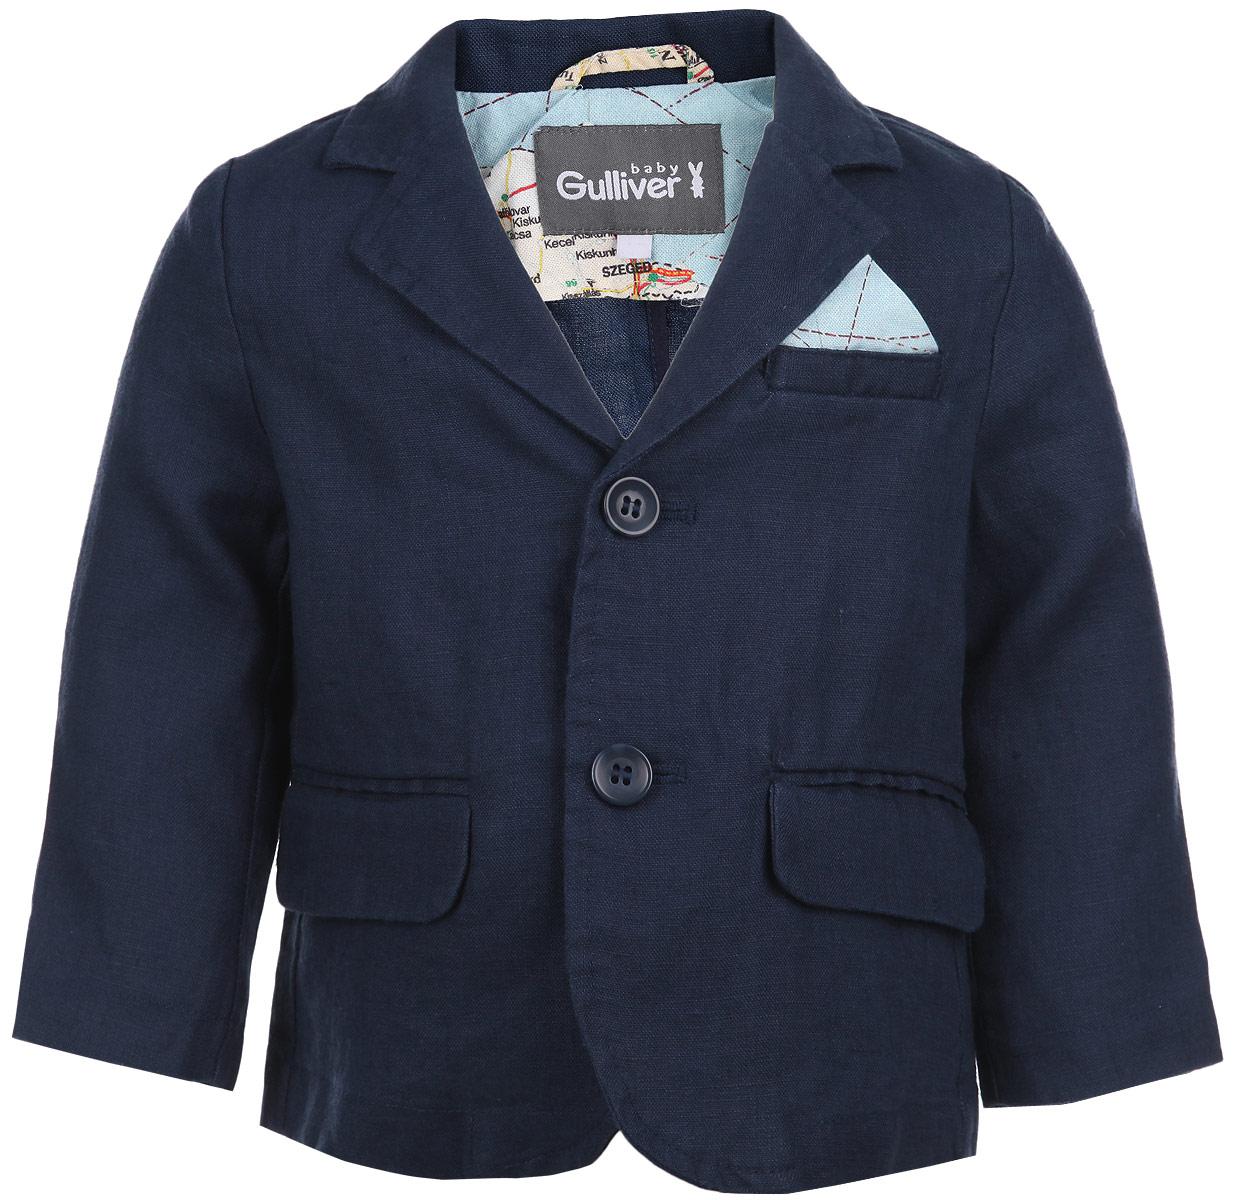 Пиджак для мальчика Большое путешествие. 116GBBC4801116GBBC4801Льняной пиджак для мальчика Gulliver Baby Большое путешествие станет стильным дополнением к гардеробу малыша. Изготовленный из высококачественного материала, он мягкий и приятный на ощупь, не сковывает движения и позволяет коже дышать, не раздражает нежную кожу ребенка, обеспечивая ему наибольший комфорт. Пиджак с воротничком с лацканами застегивается на пластиковые пуговицы. Манжеты дополнены декоративными пуговицами. Спереди имеется имитация карманов. Сзади предусмотрена шлица. В таком пиджачке ваш маленький мужчина будет выглядеть трогательно и забавно и украсит любой праздник, семейное торжество или прогулку!